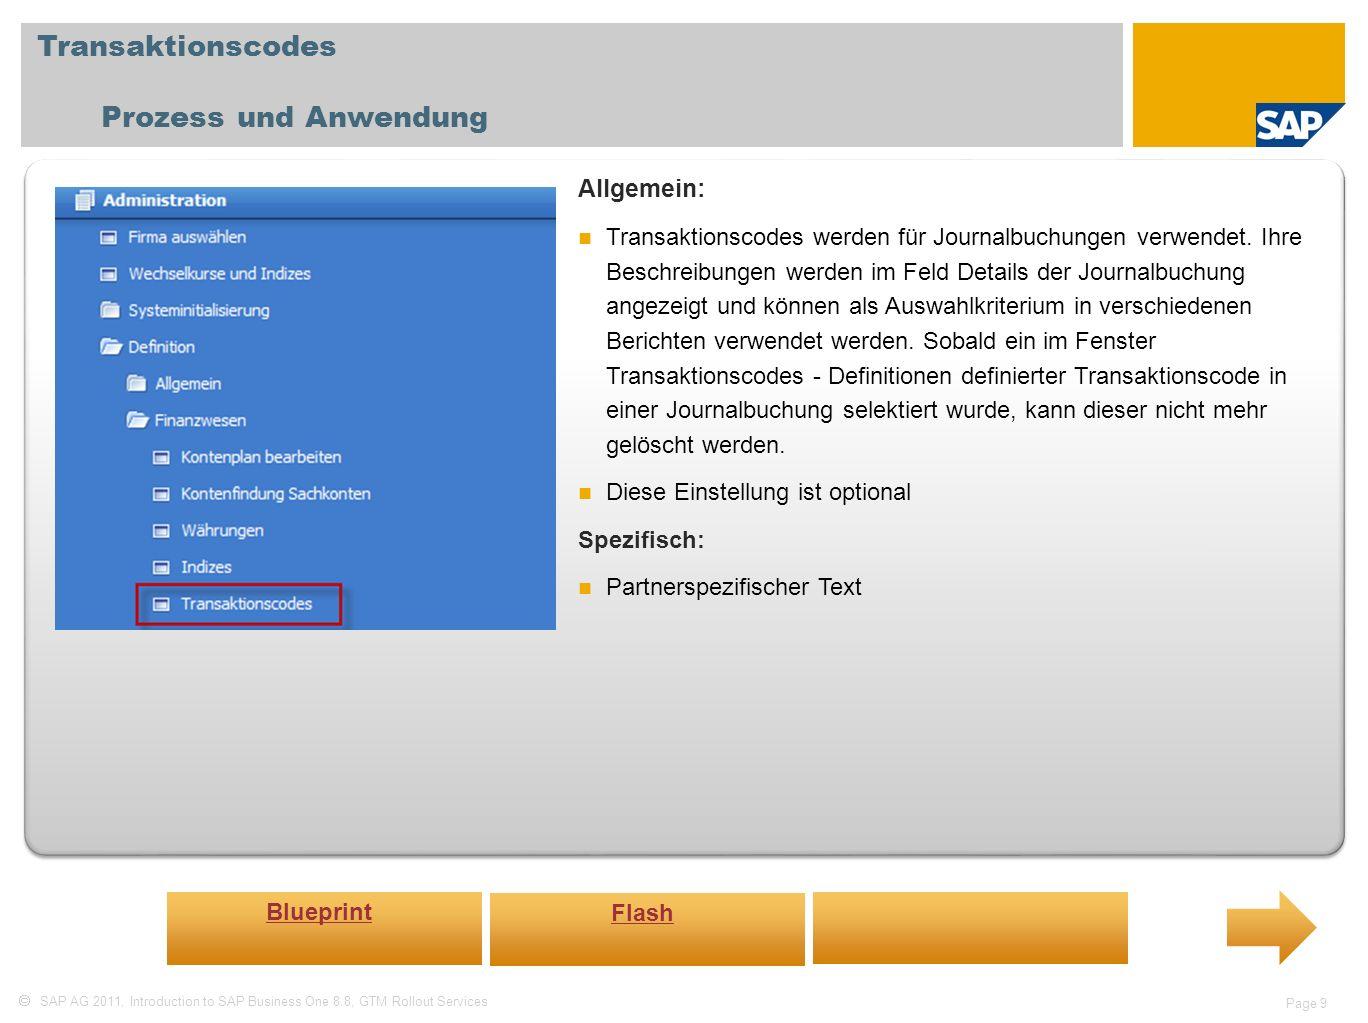 SAP AG 2011, Introduction to SAP Business One 8.8, GTM Rollout Services Page 10 Projekte Prozess und Anwendung Allgemein: Sie können die einzelnen Projekte definieren, an denen Ihre Firma arbeitet, und jede in SAP Business One angelegte Transaktion mit dem entsprechenden Projekt verknüpfen.